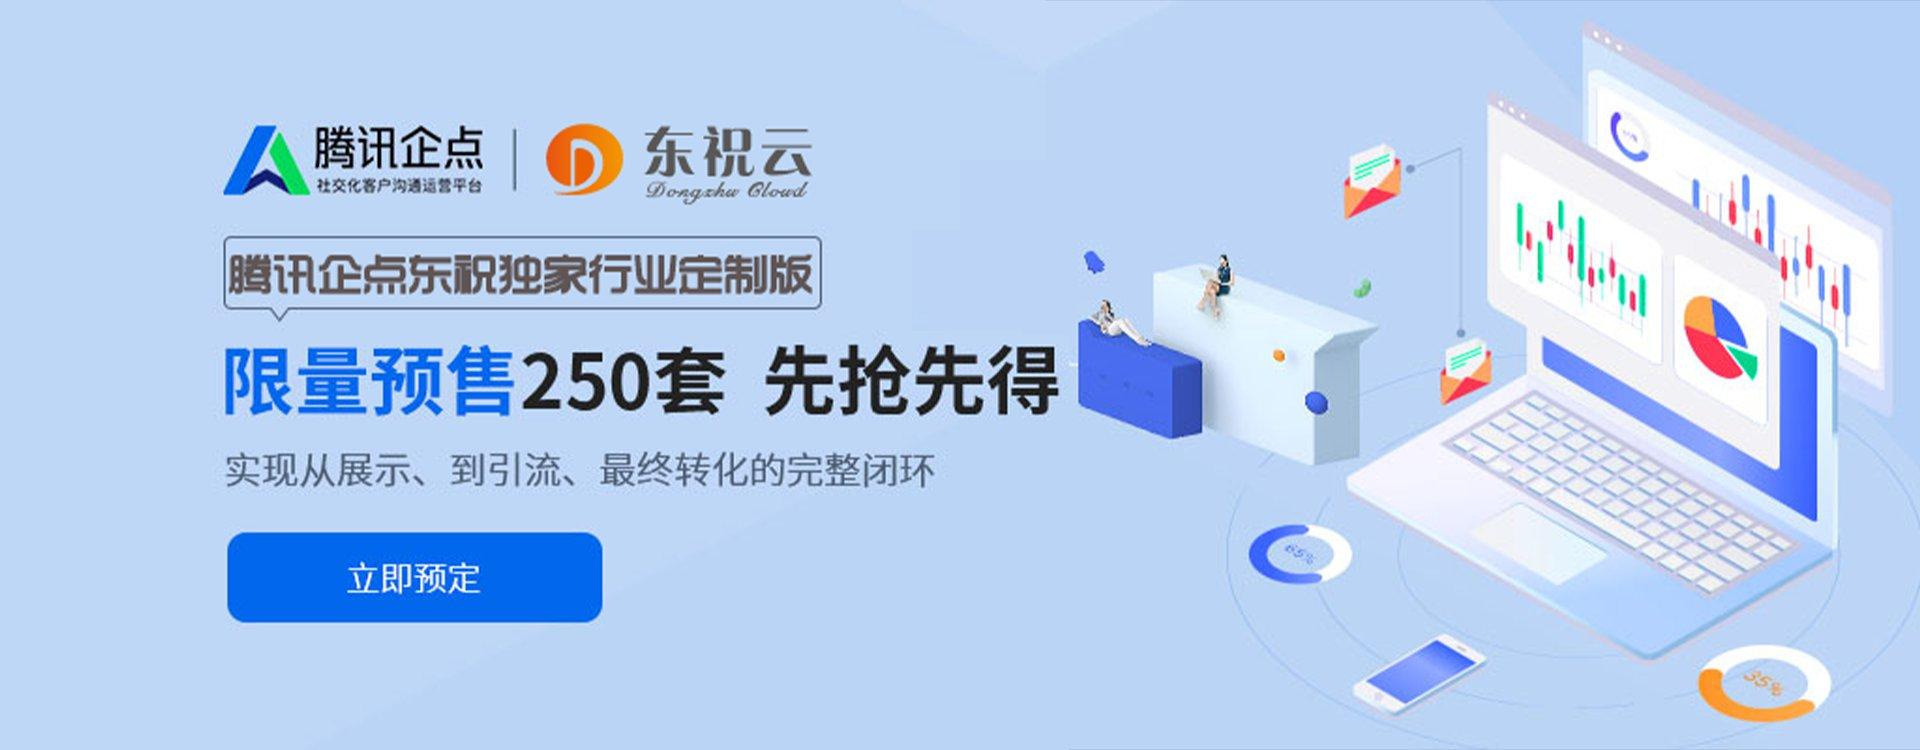 東祝-騰訊企點廣告、微信小程序、抖音小程序、百度小程序